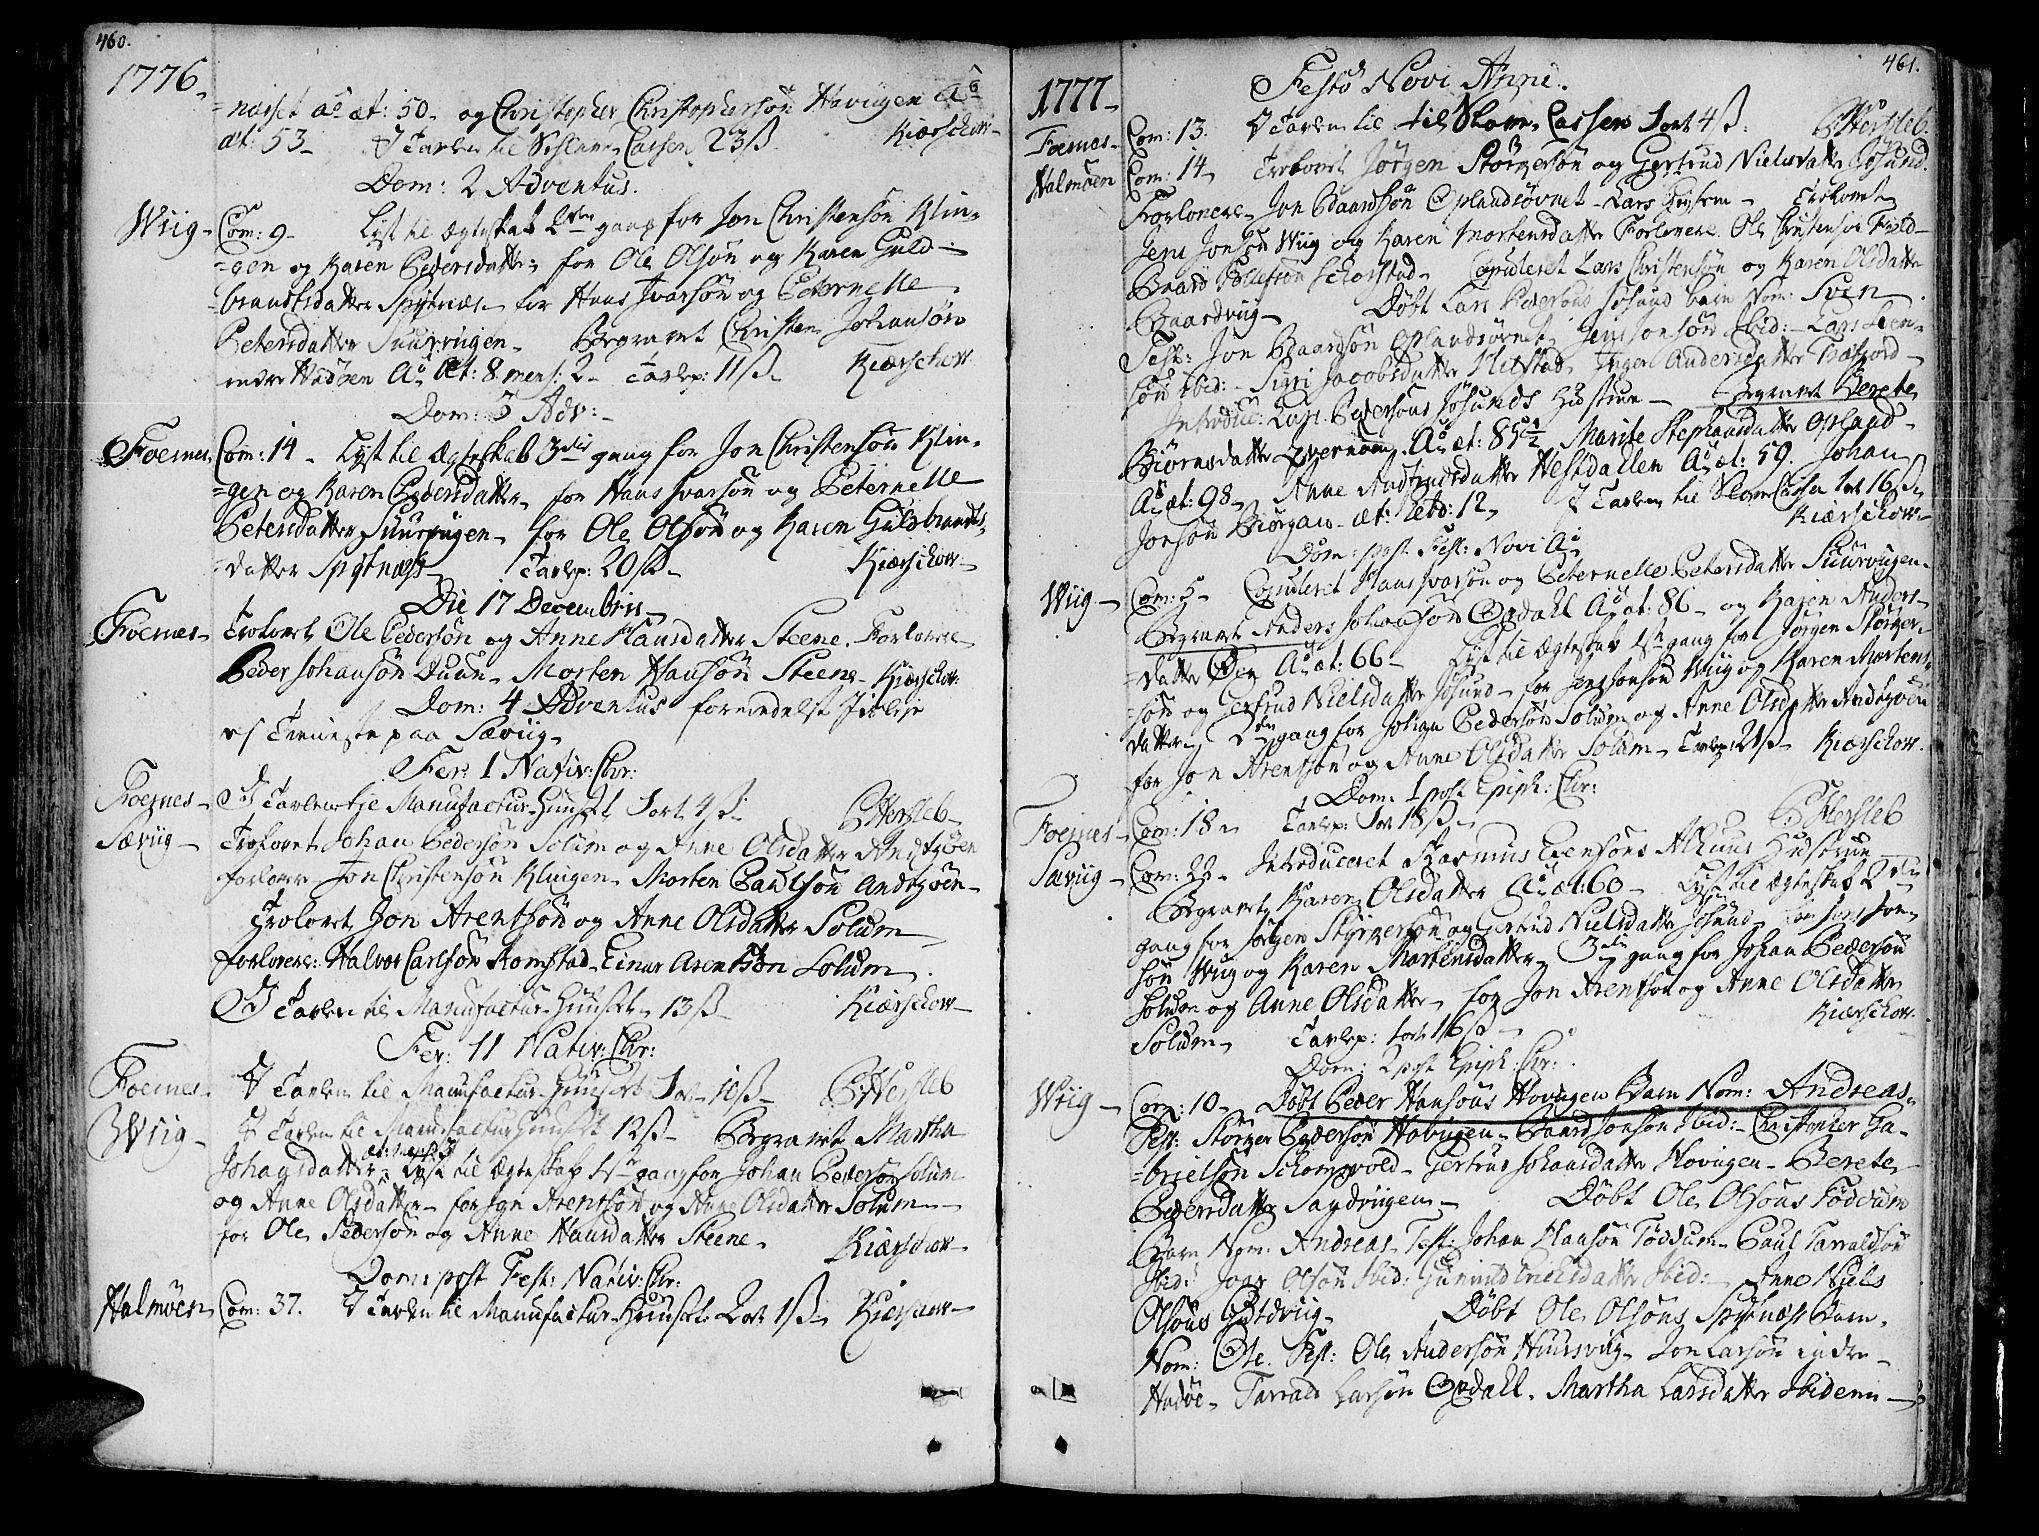 SAT, Ministerialprotokoller, klokkerbøker og fødselsregistre - Nord-Trøndelag, 773/L0607: Ministerialbok nr. 773A01, 1751-1783, s. 460-461